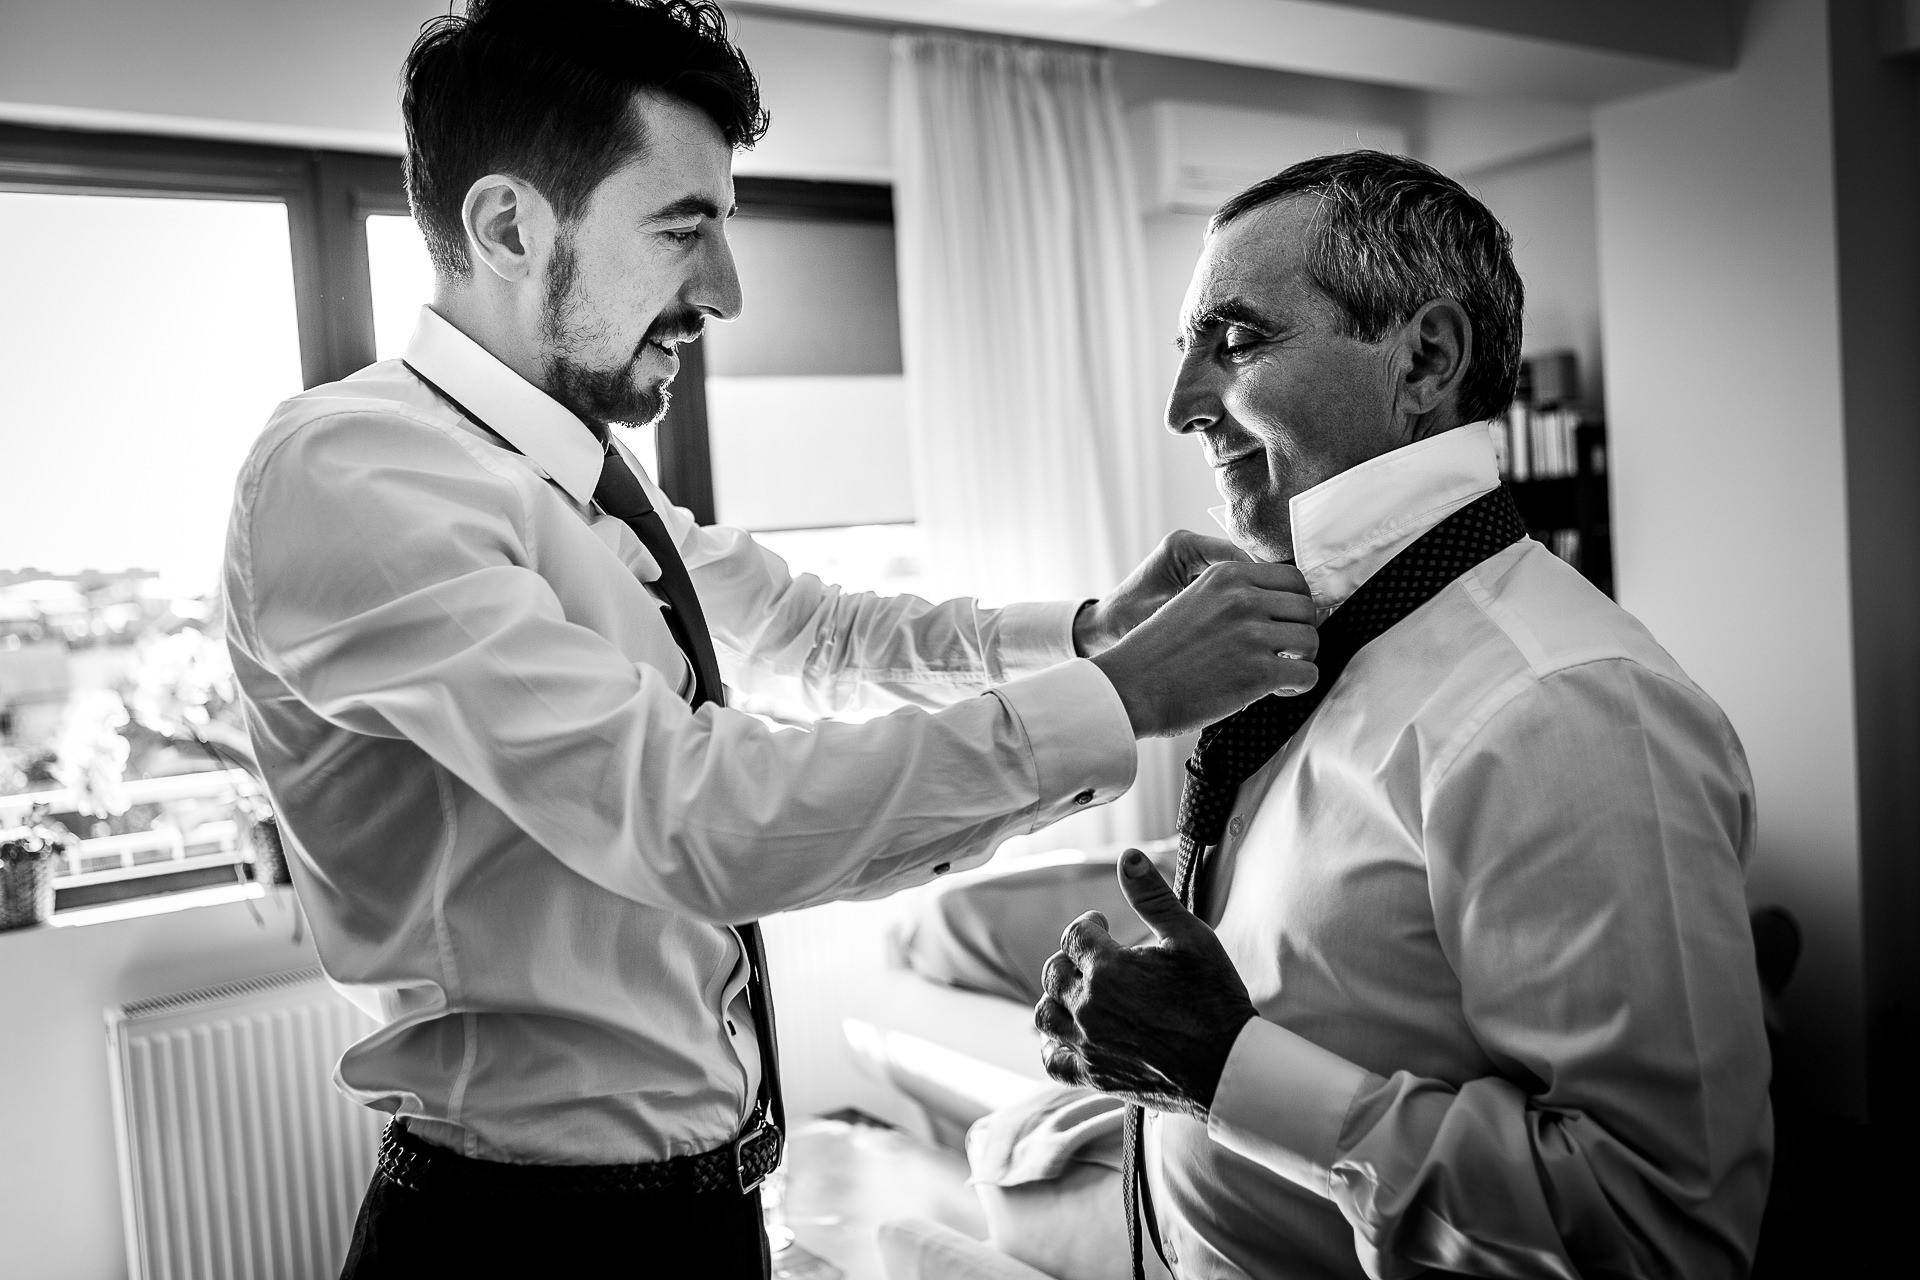 nuntă Salon Elisabeta - Elena şi Costin - Mihai Zaharia Photography - 025